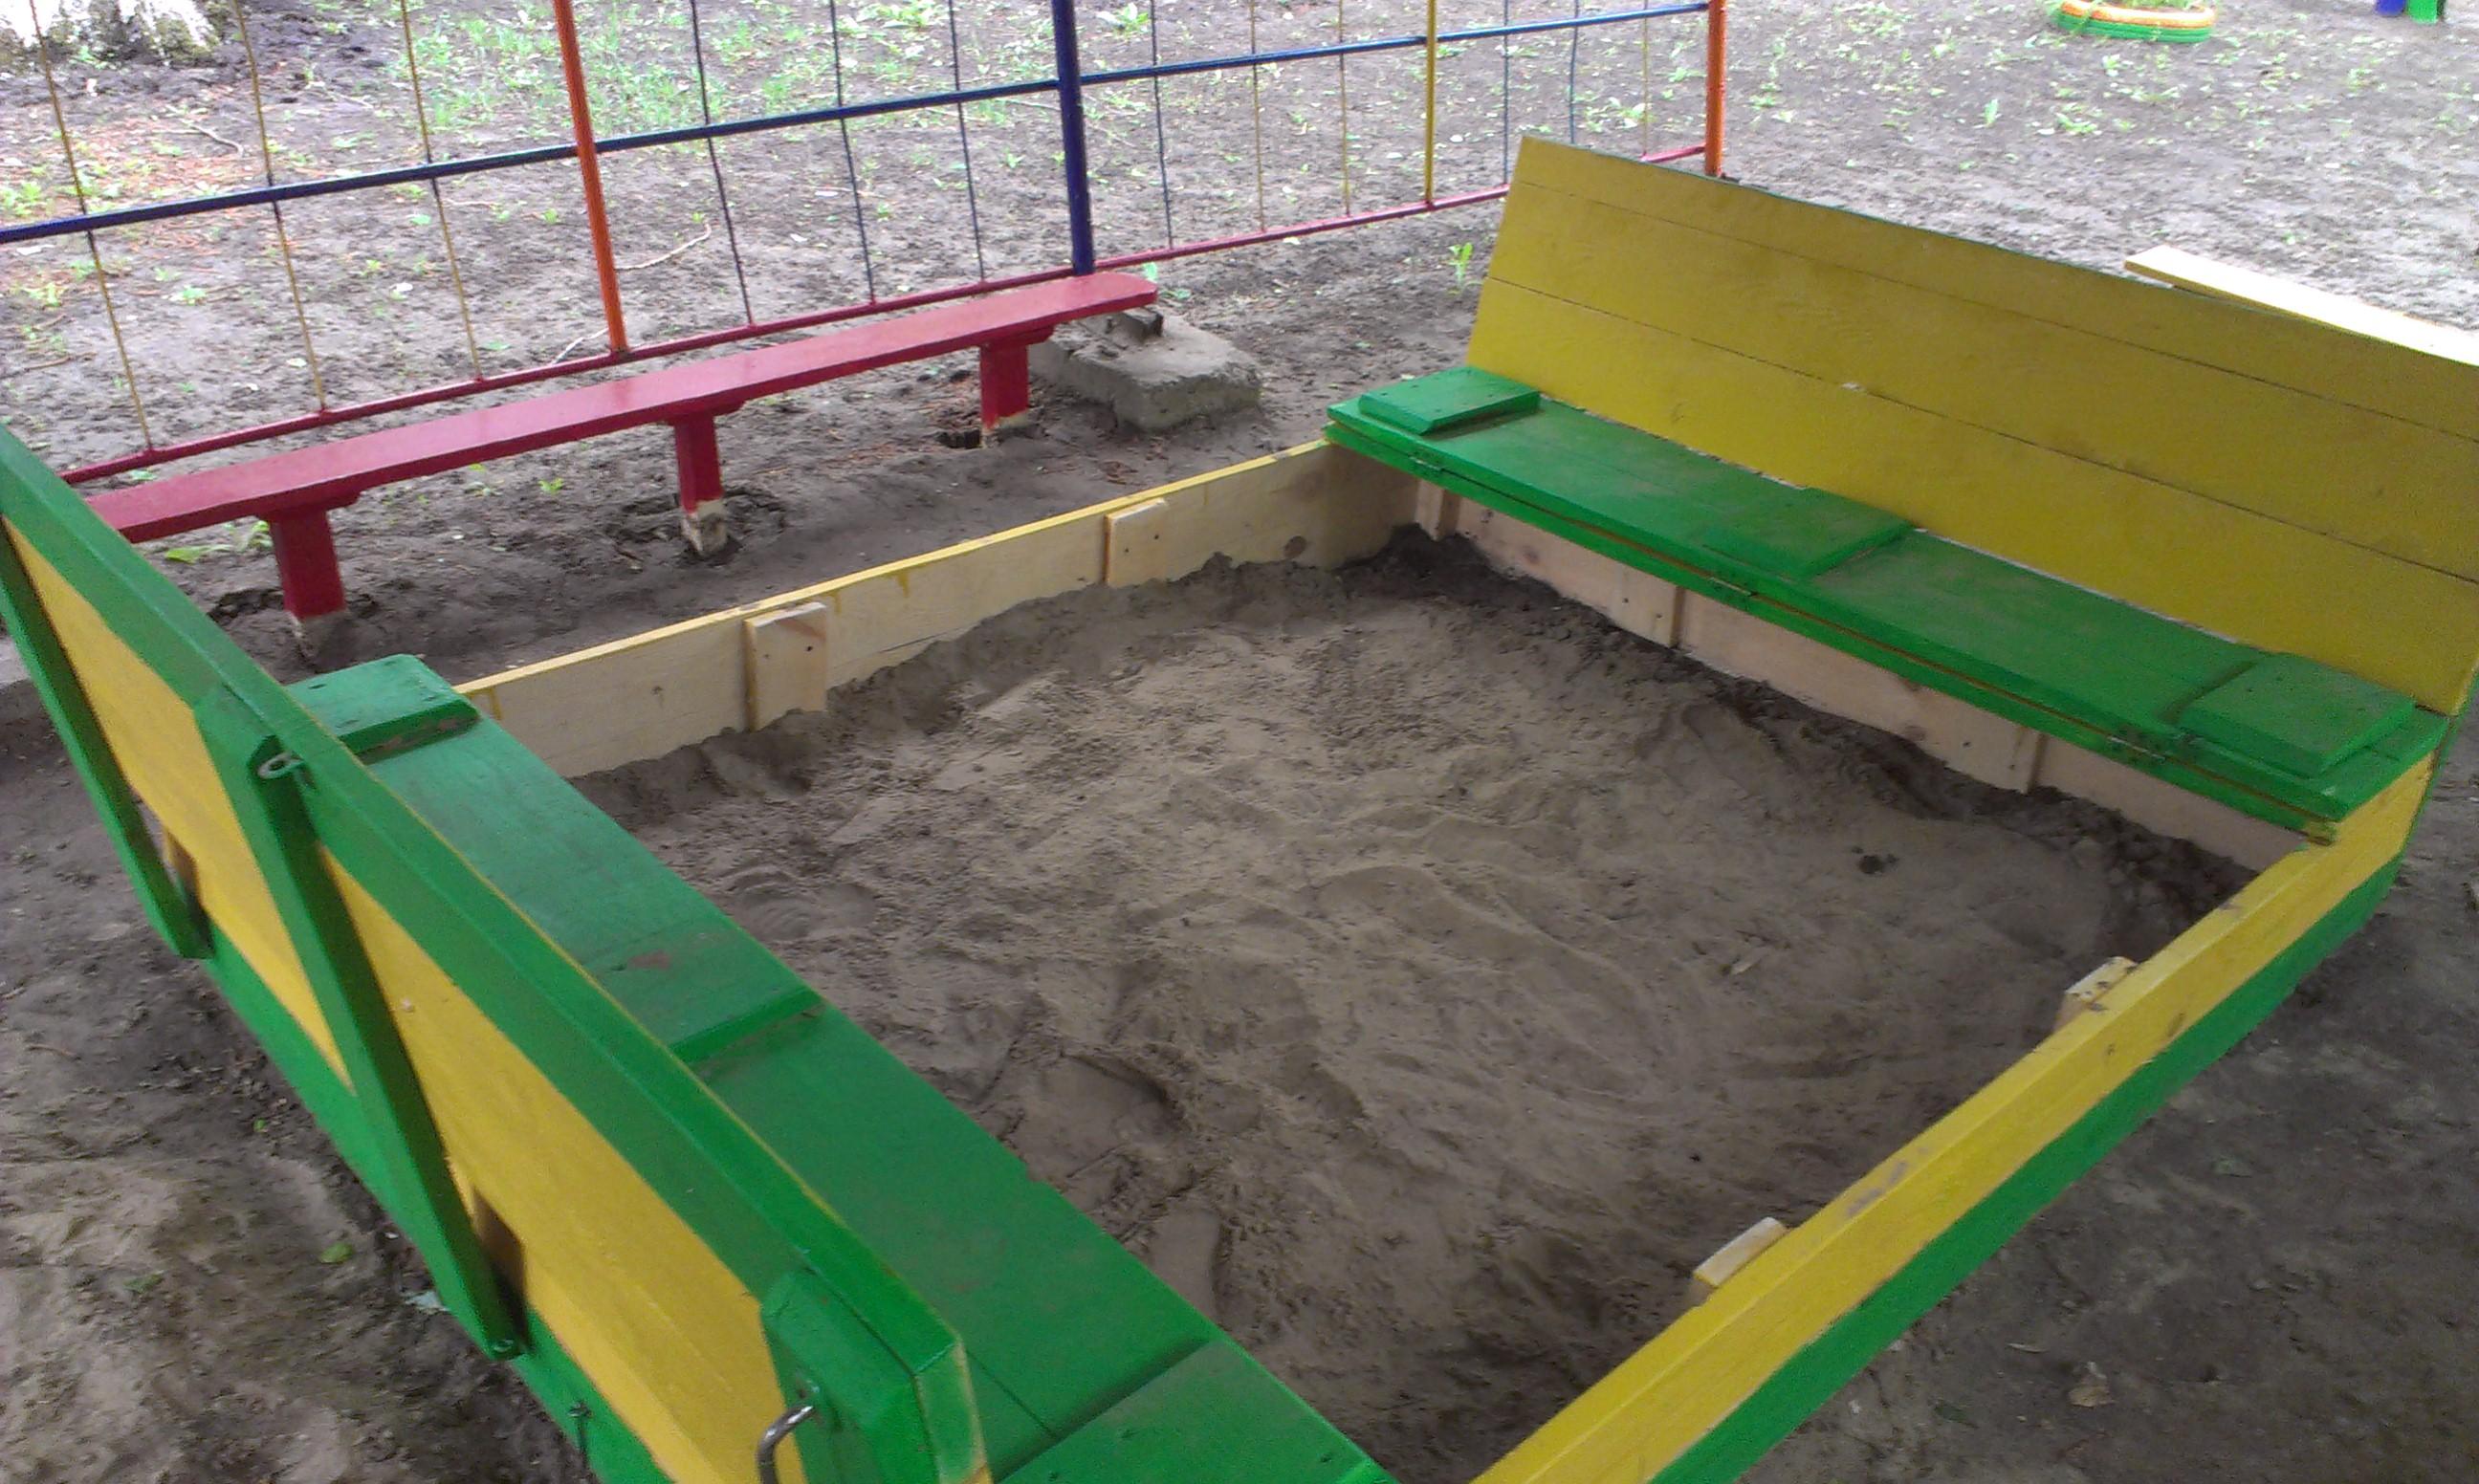 Фото Детская песочница с крышкой, которая раскладывается в 2 скамейки.